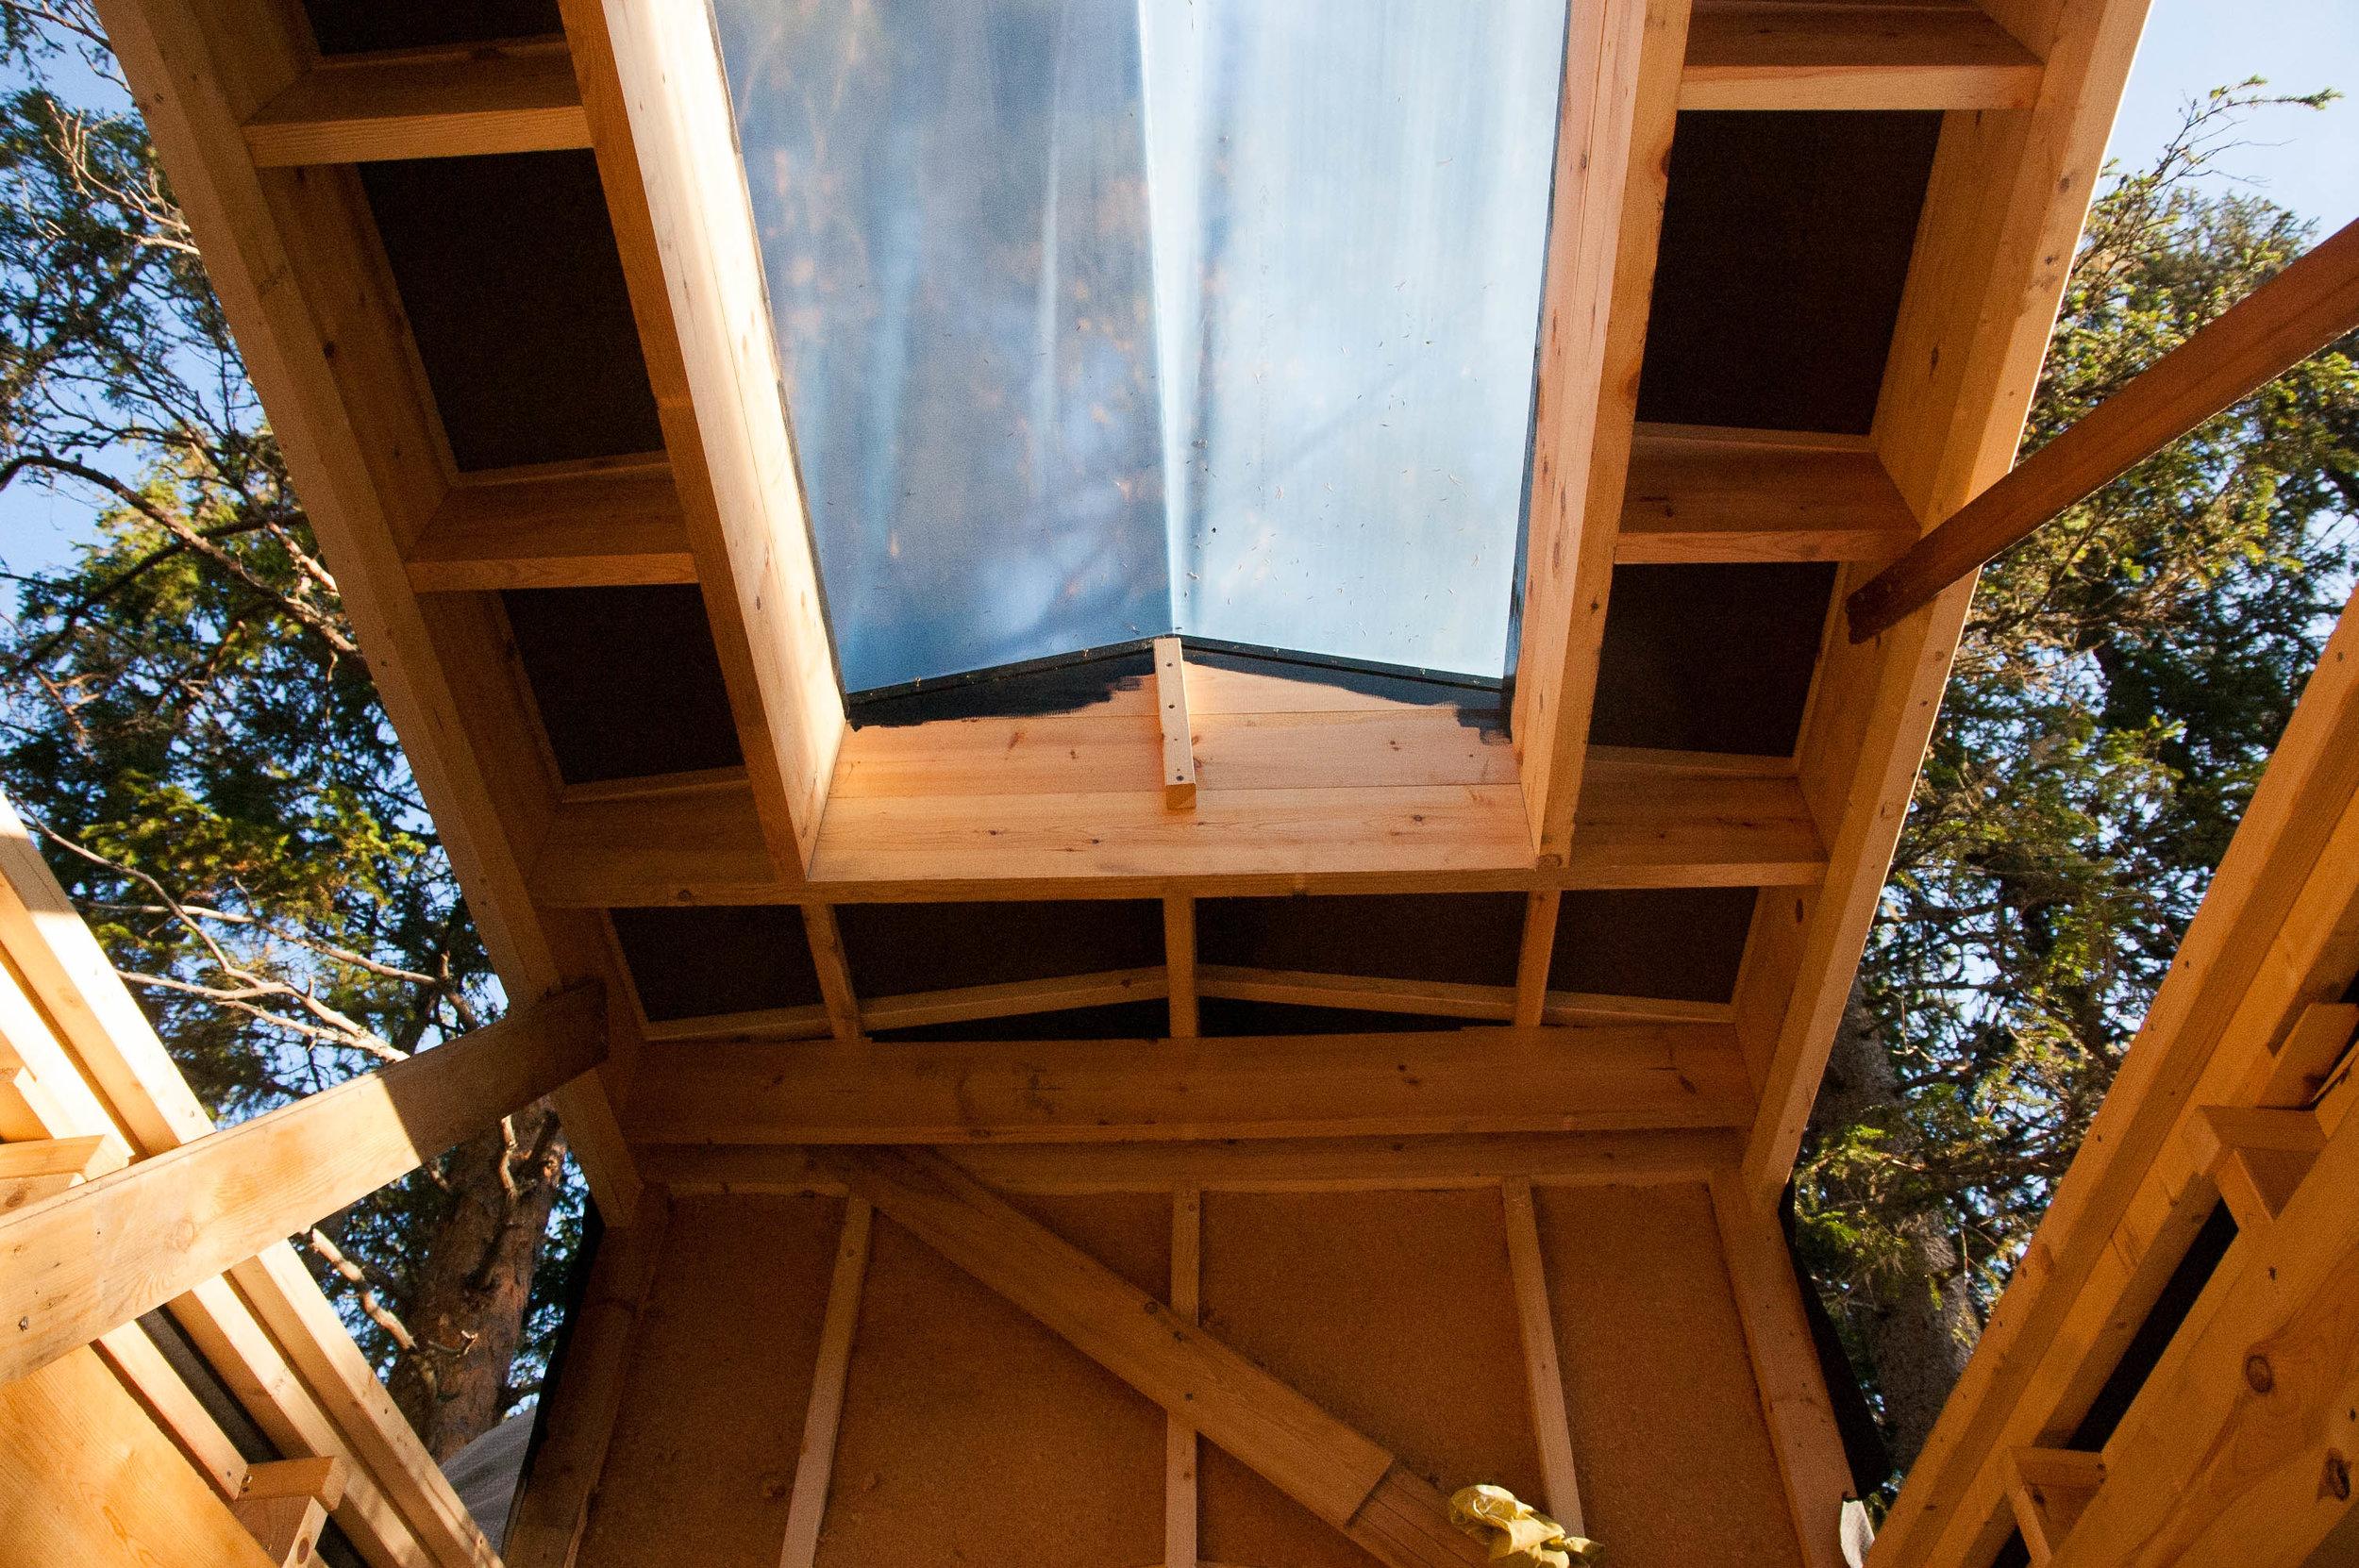 Treehouse 10.09 (11 of 12).jpg